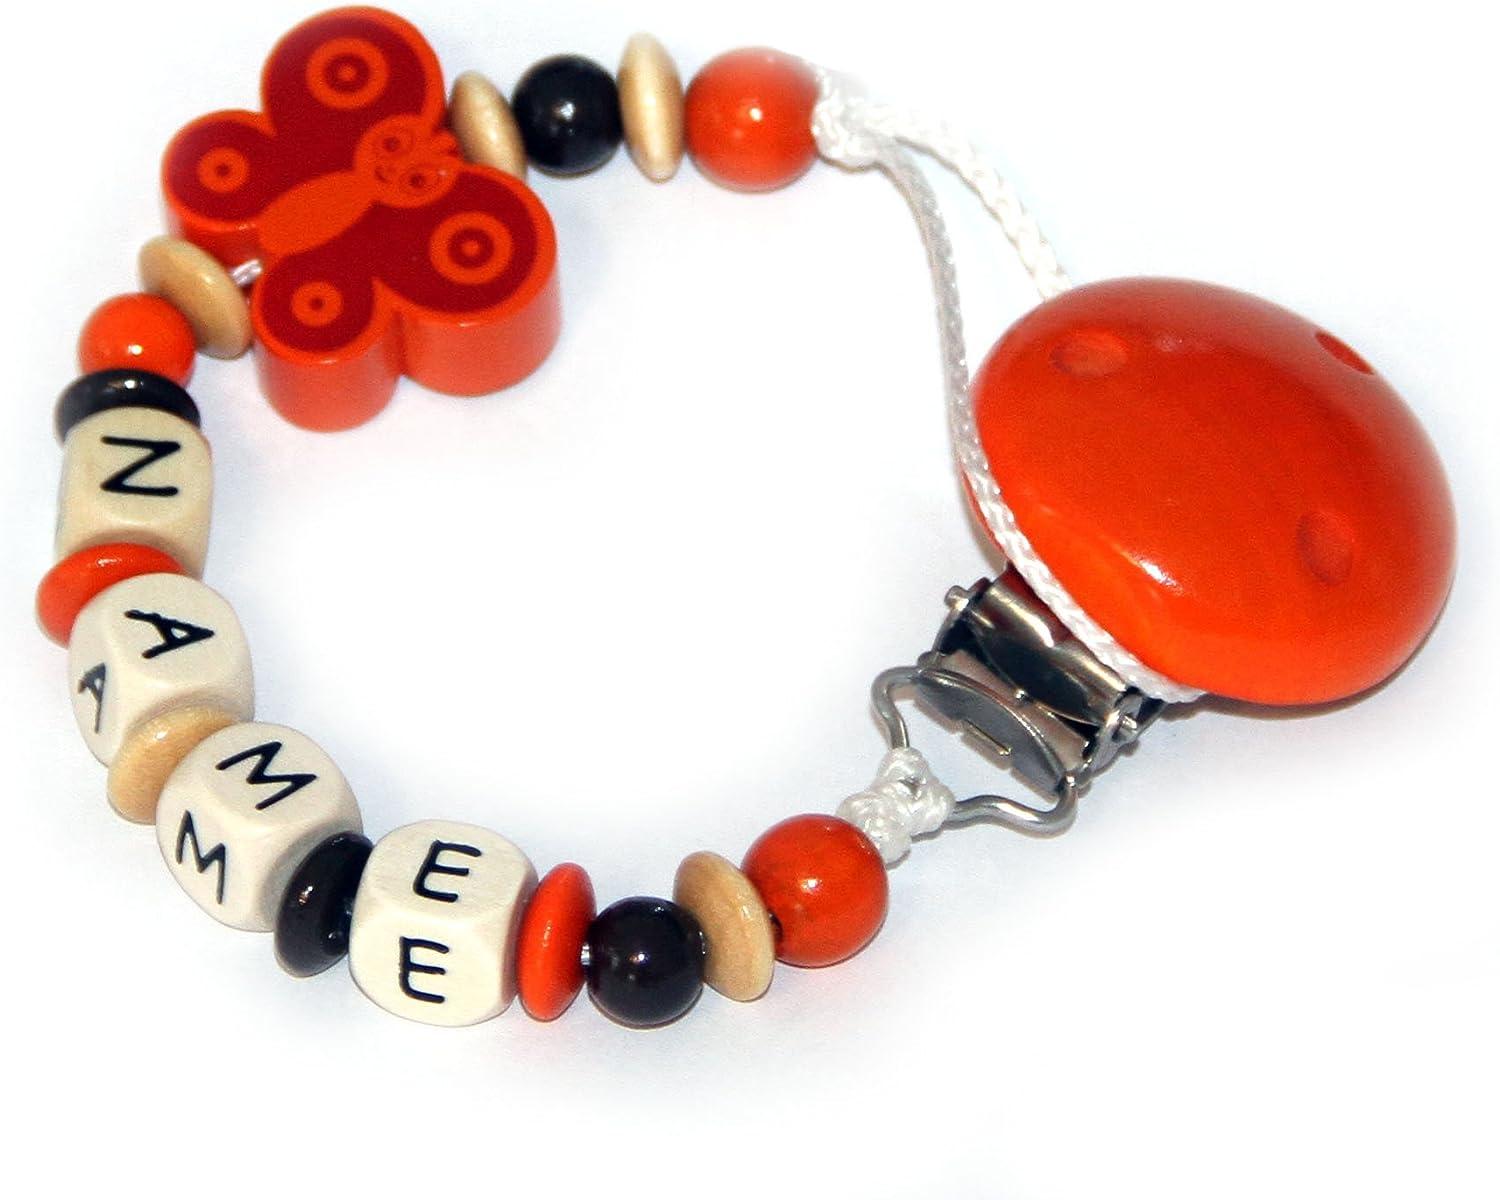 /Italy hasta 10/letras Aurora Baby Chupete con cadena de perlas de madera y nombre personalizado Italia/